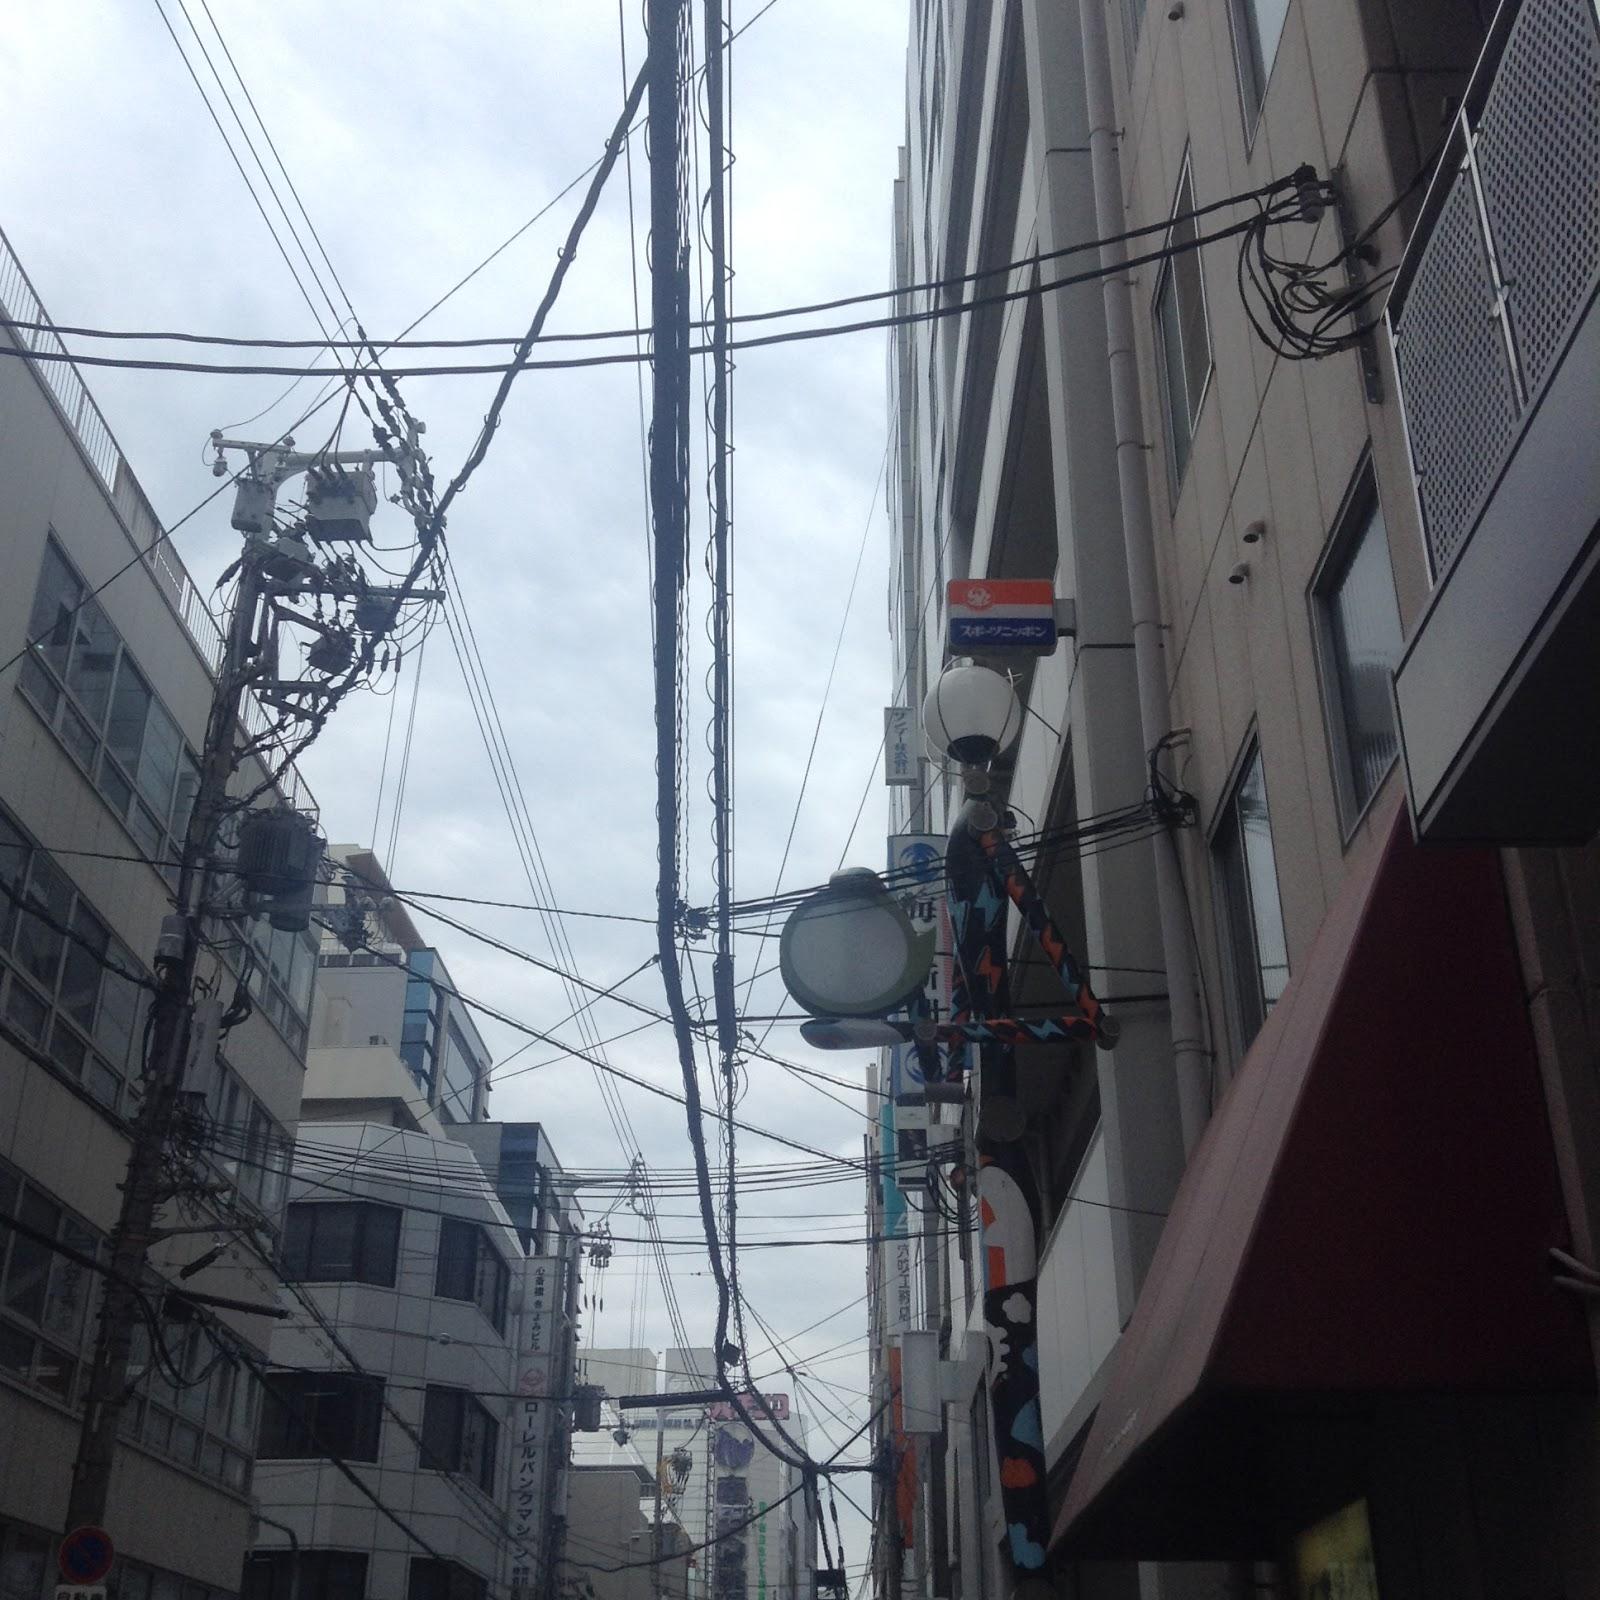 Amemura Osaka